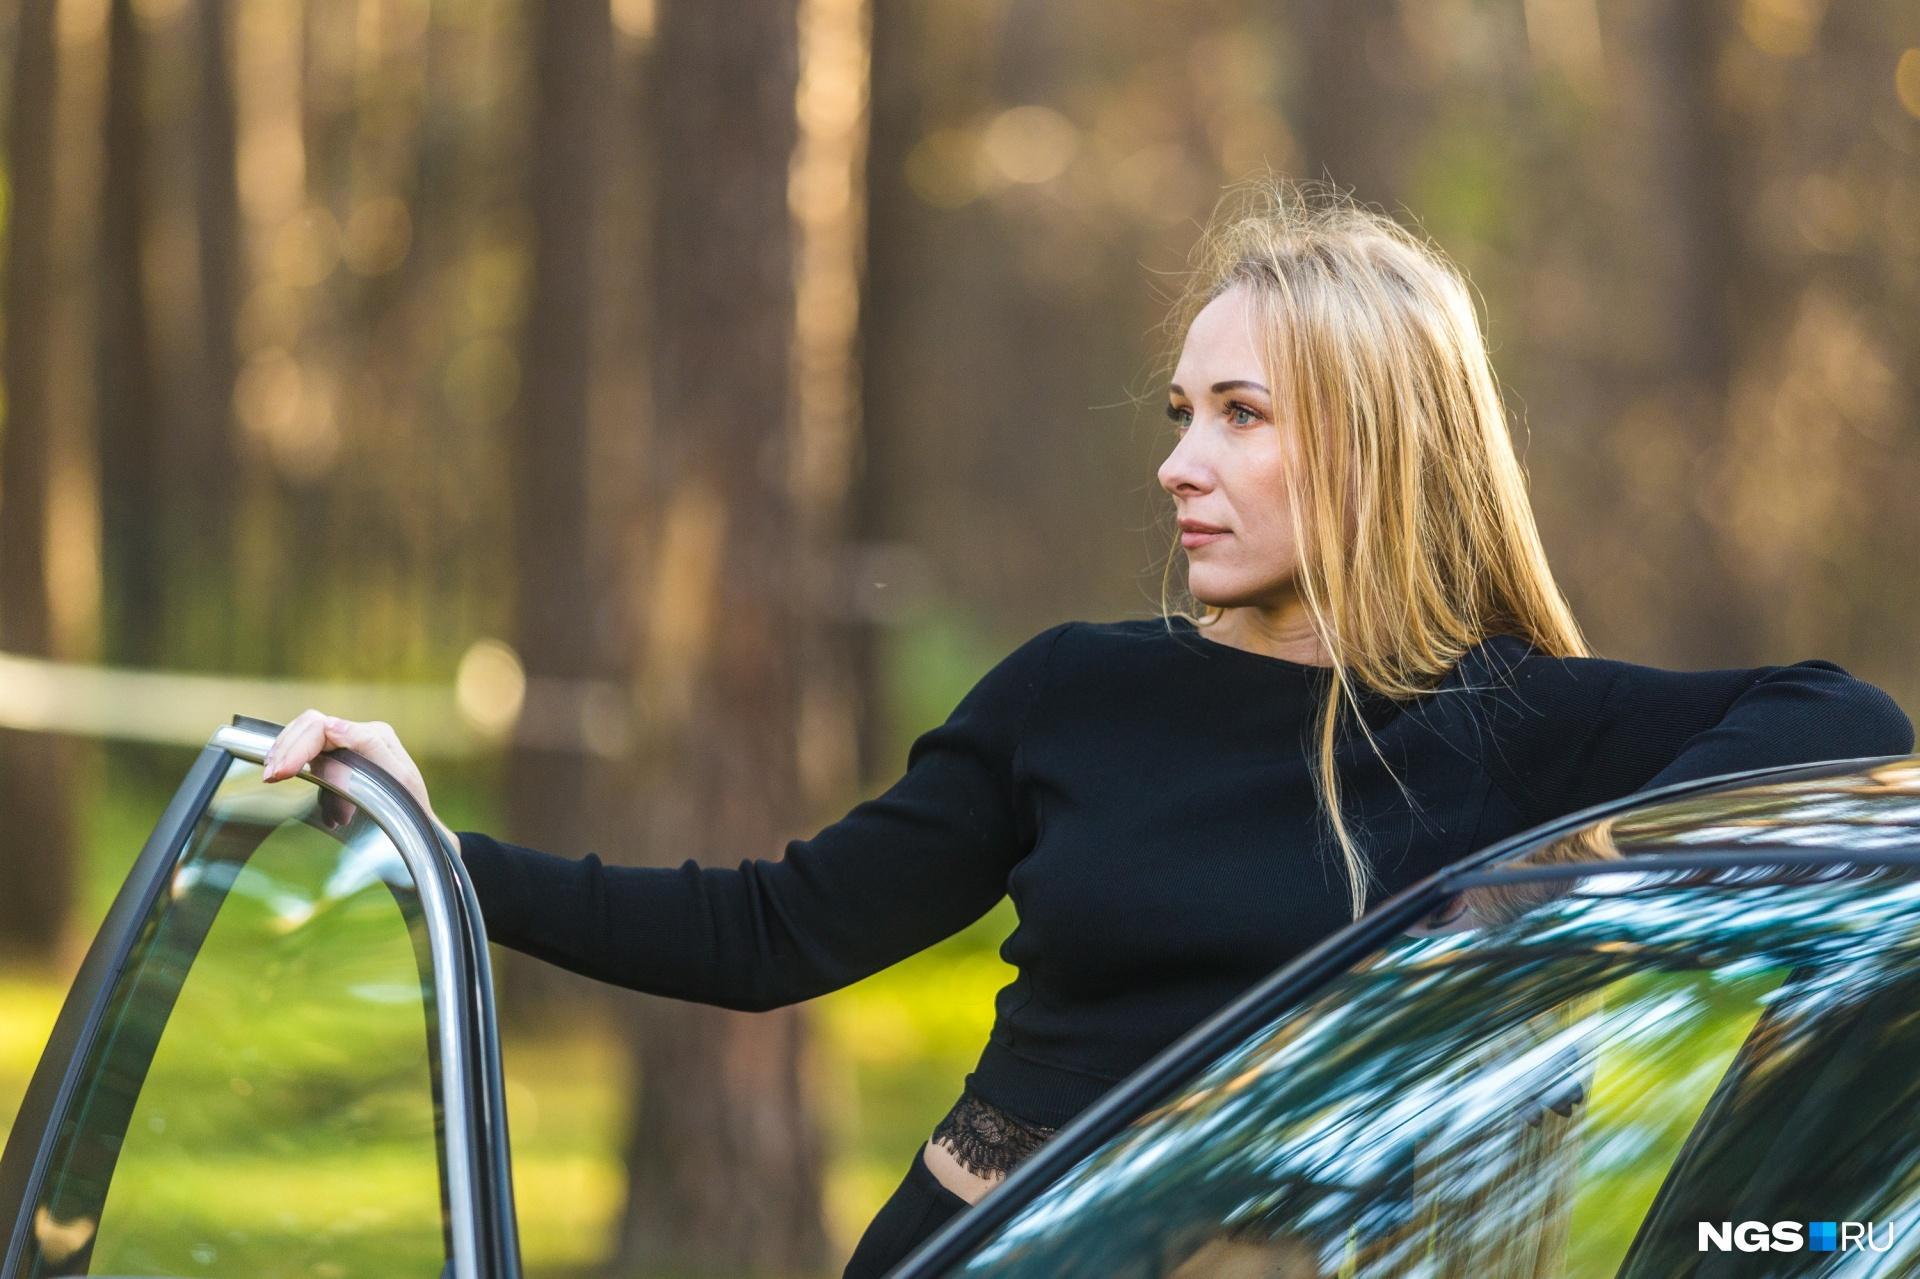 Идеальная машина для Олеси — с левым рулем и кожаным салоном